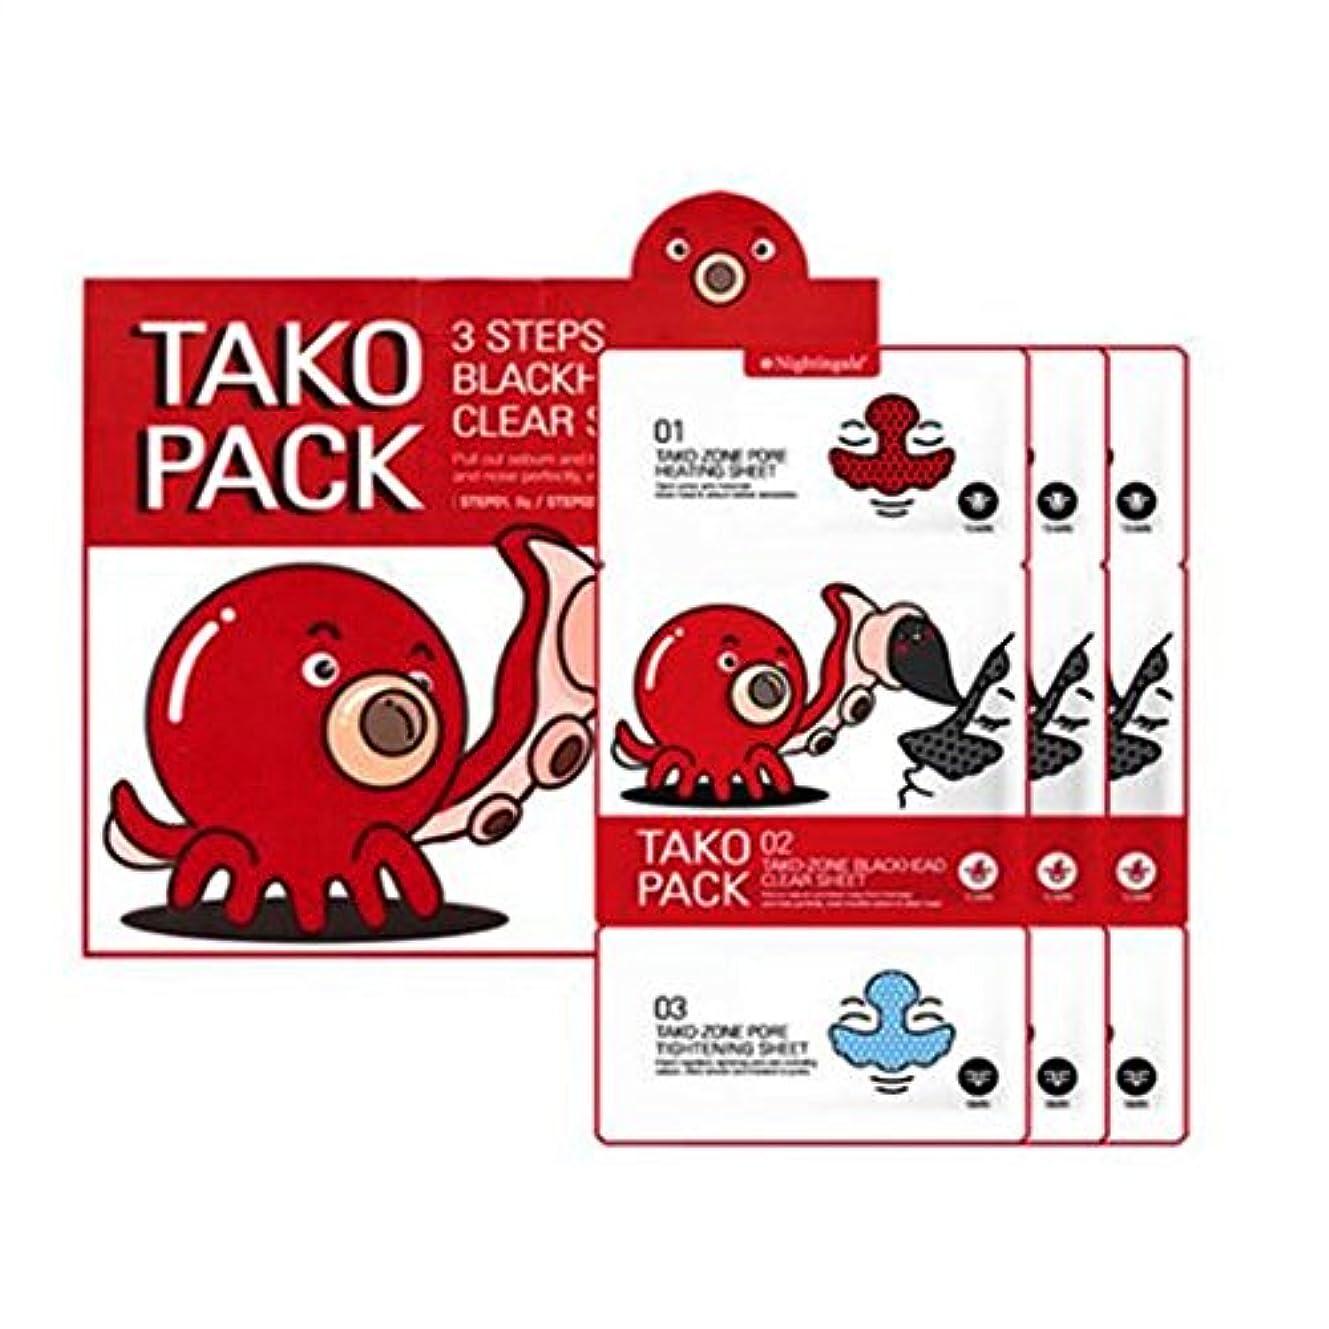 おもてなし父方の差別化するNightingale 3Step Tako Pack 3EA/ナイチンゲール 3ステップ タコ パック [タコ吸着パック] 3回分 [並行輸入品]